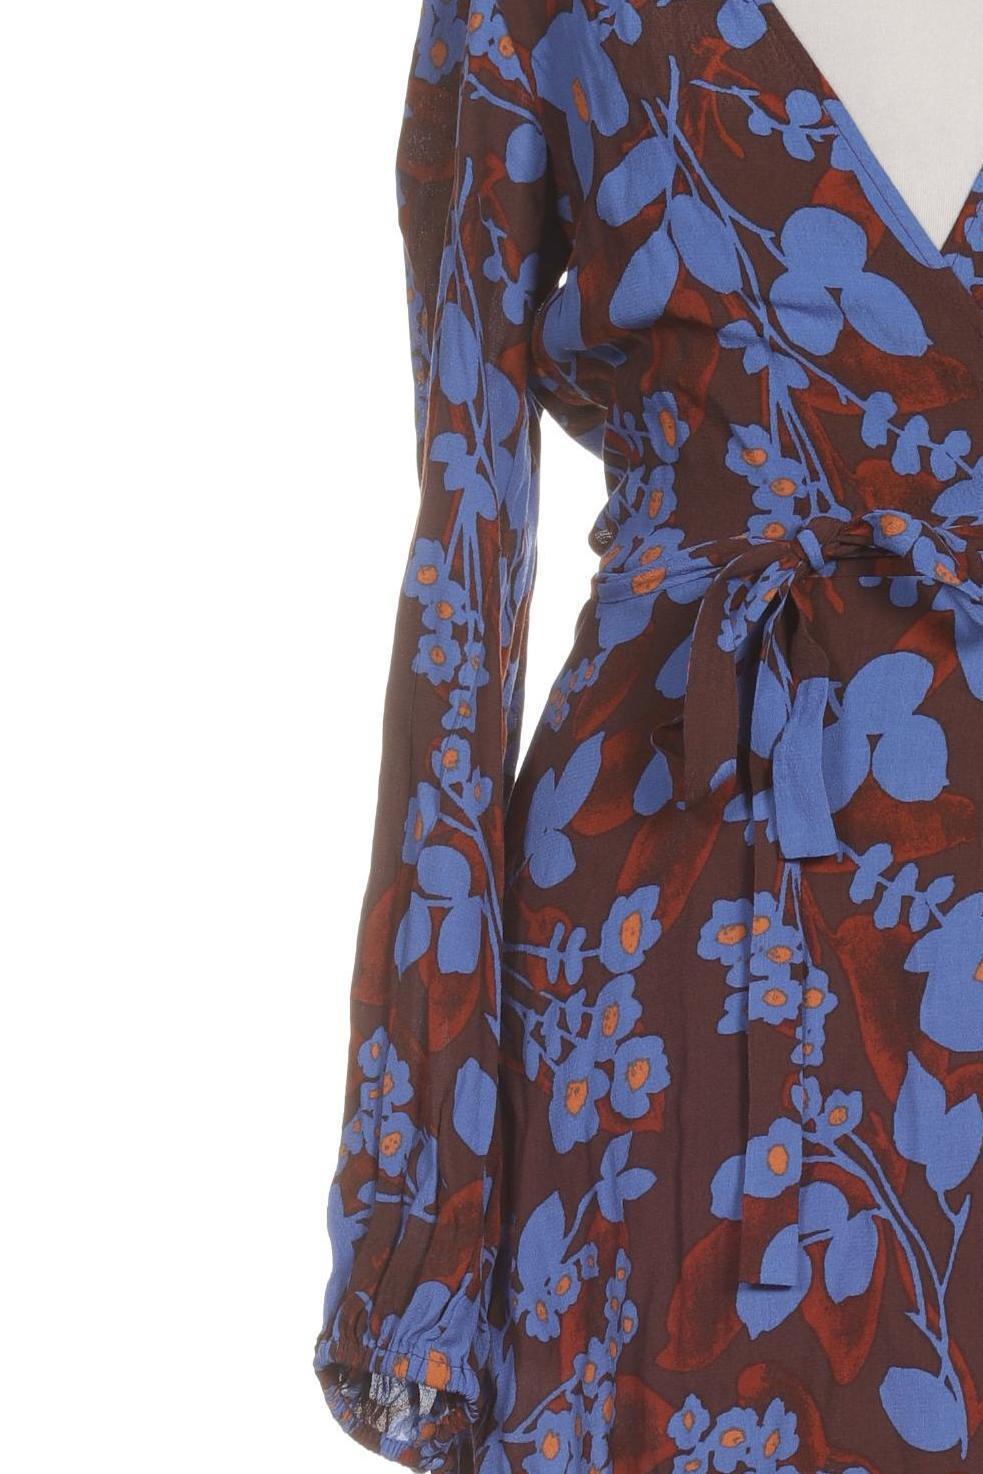 & other stories Damen Kleid US 2 Second Hand kaufen | ubup